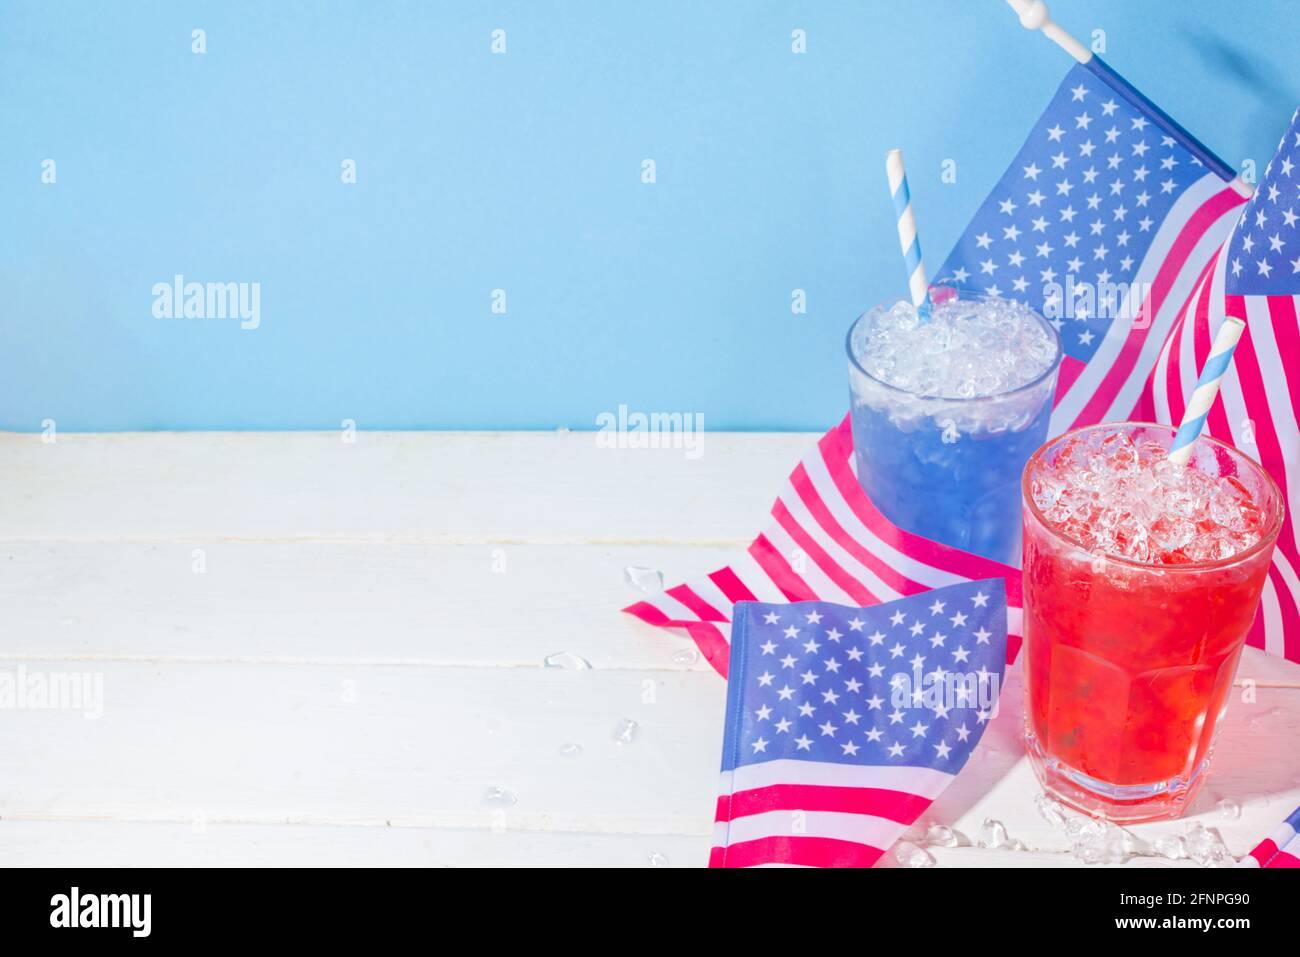 Boissons pour la fête de l'indépendance américaine. Drapeau des États-Unis, couleur rouge et bleu, espace réservé aux cocktails glacés Banque D'Images